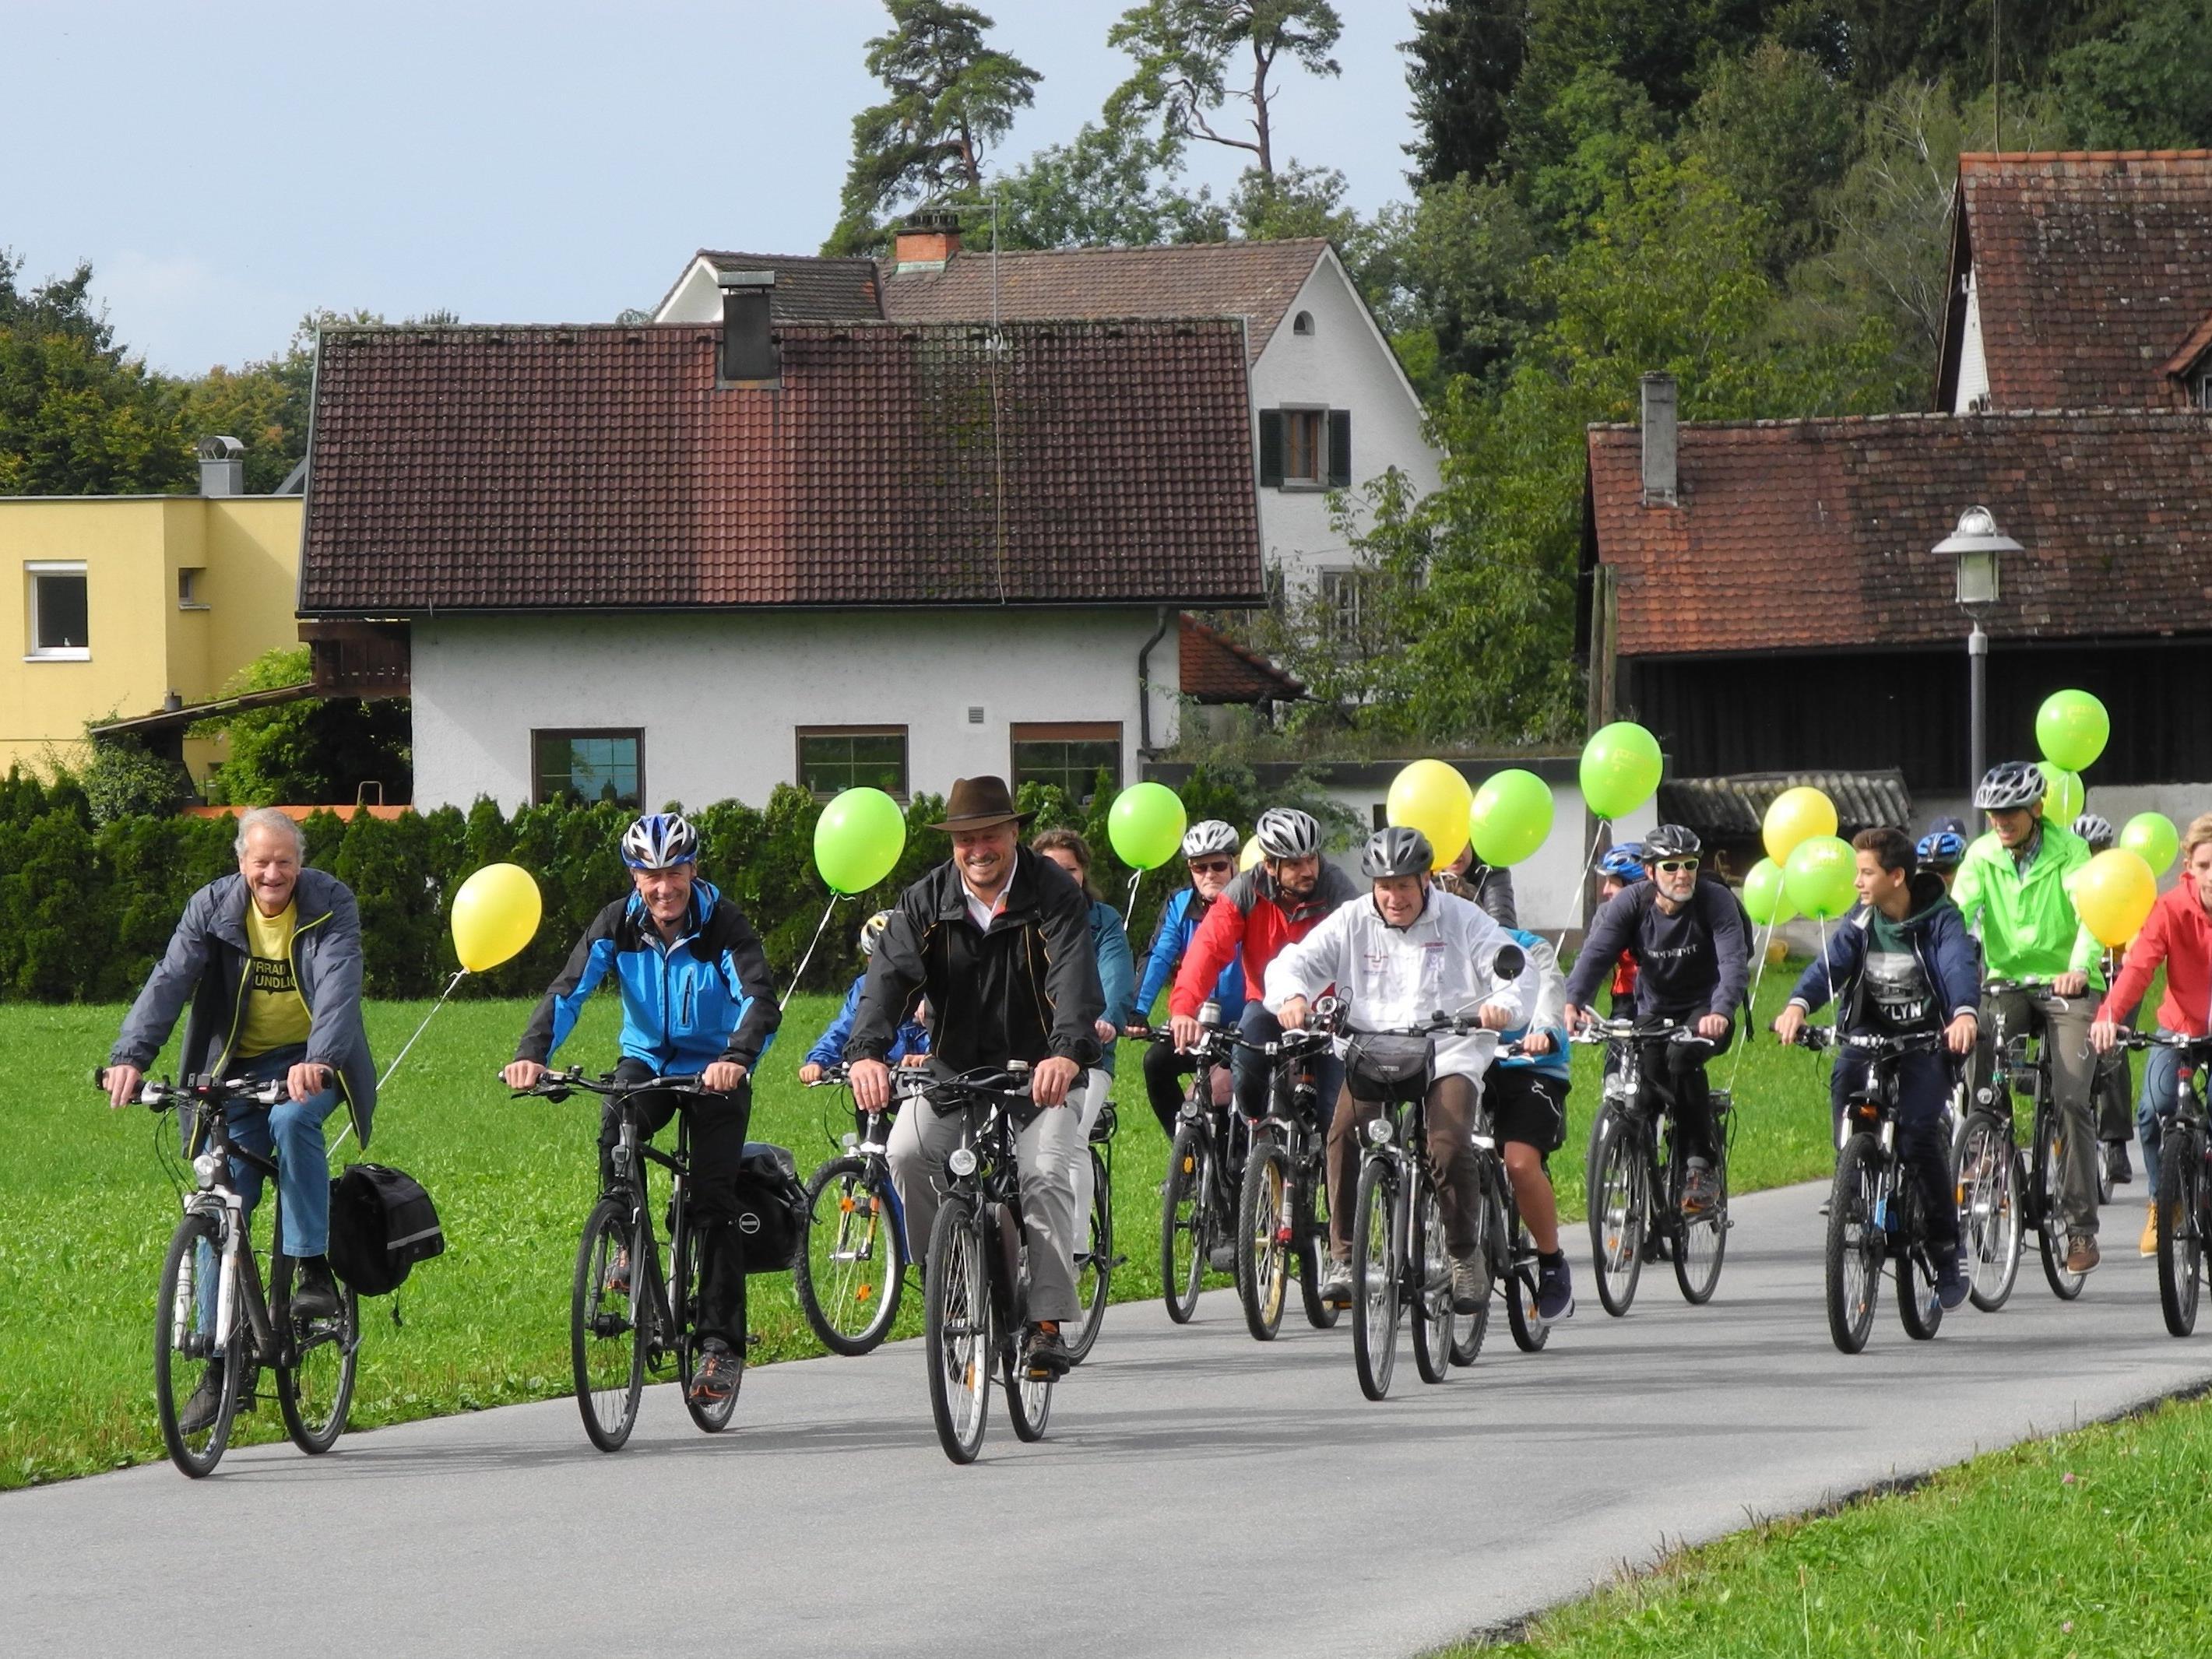 Einladung zur Abschlussveranstaltung mit Preisverlosung des RADIUS Fahrrad-Wettbewerbes 2016 im Leiblachtal.